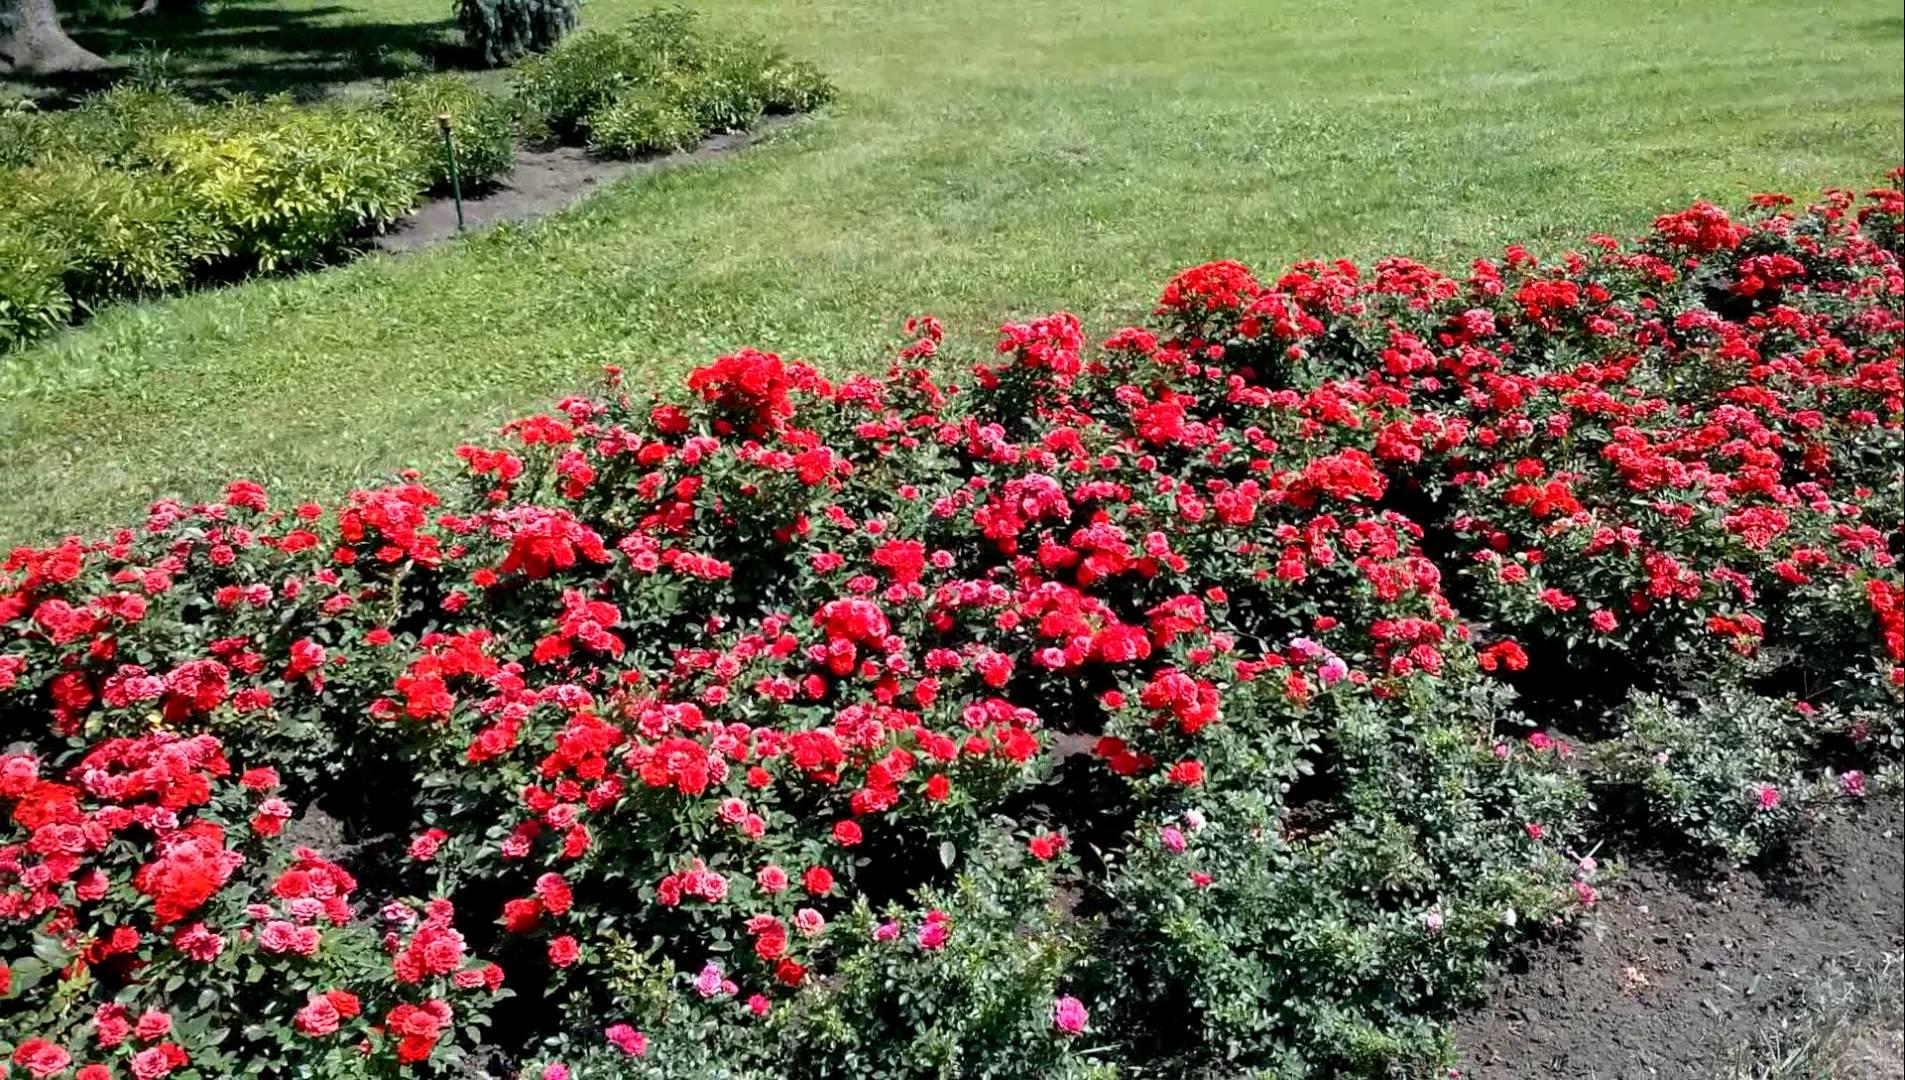 Выращивание почвопокровных роз: посадка и уход в открытом грунте, как размножать